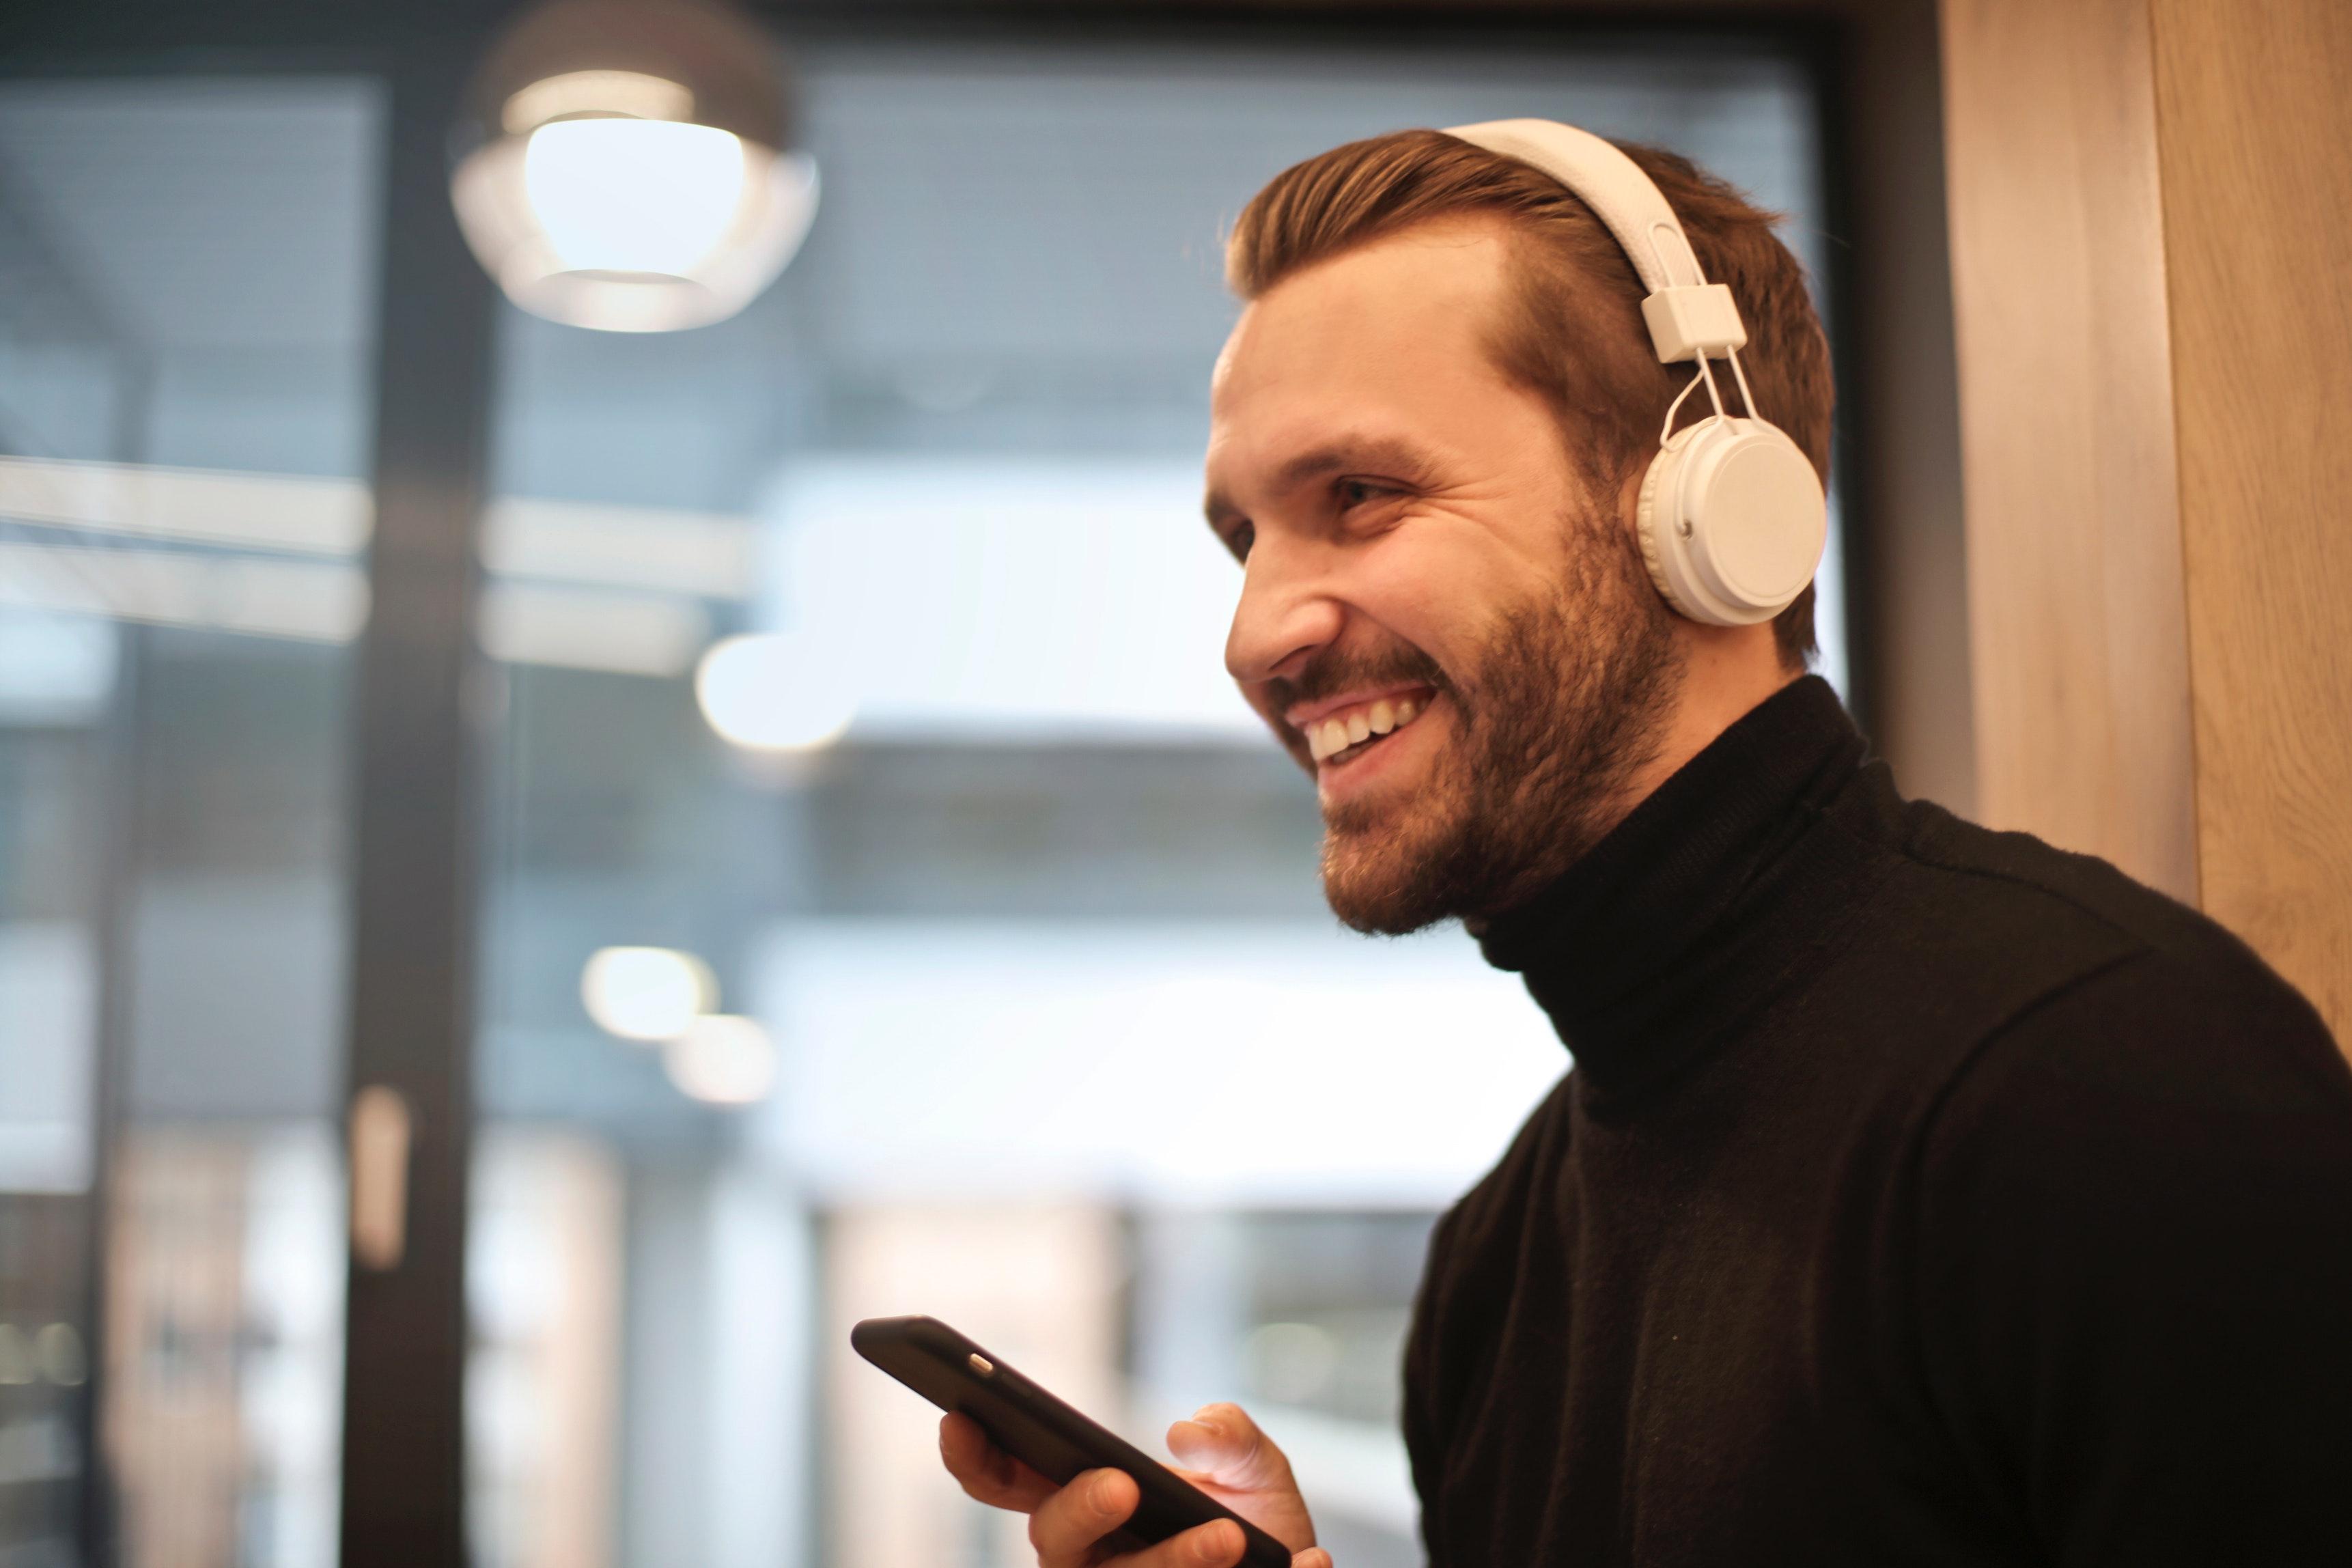 headphones man podcasts happy